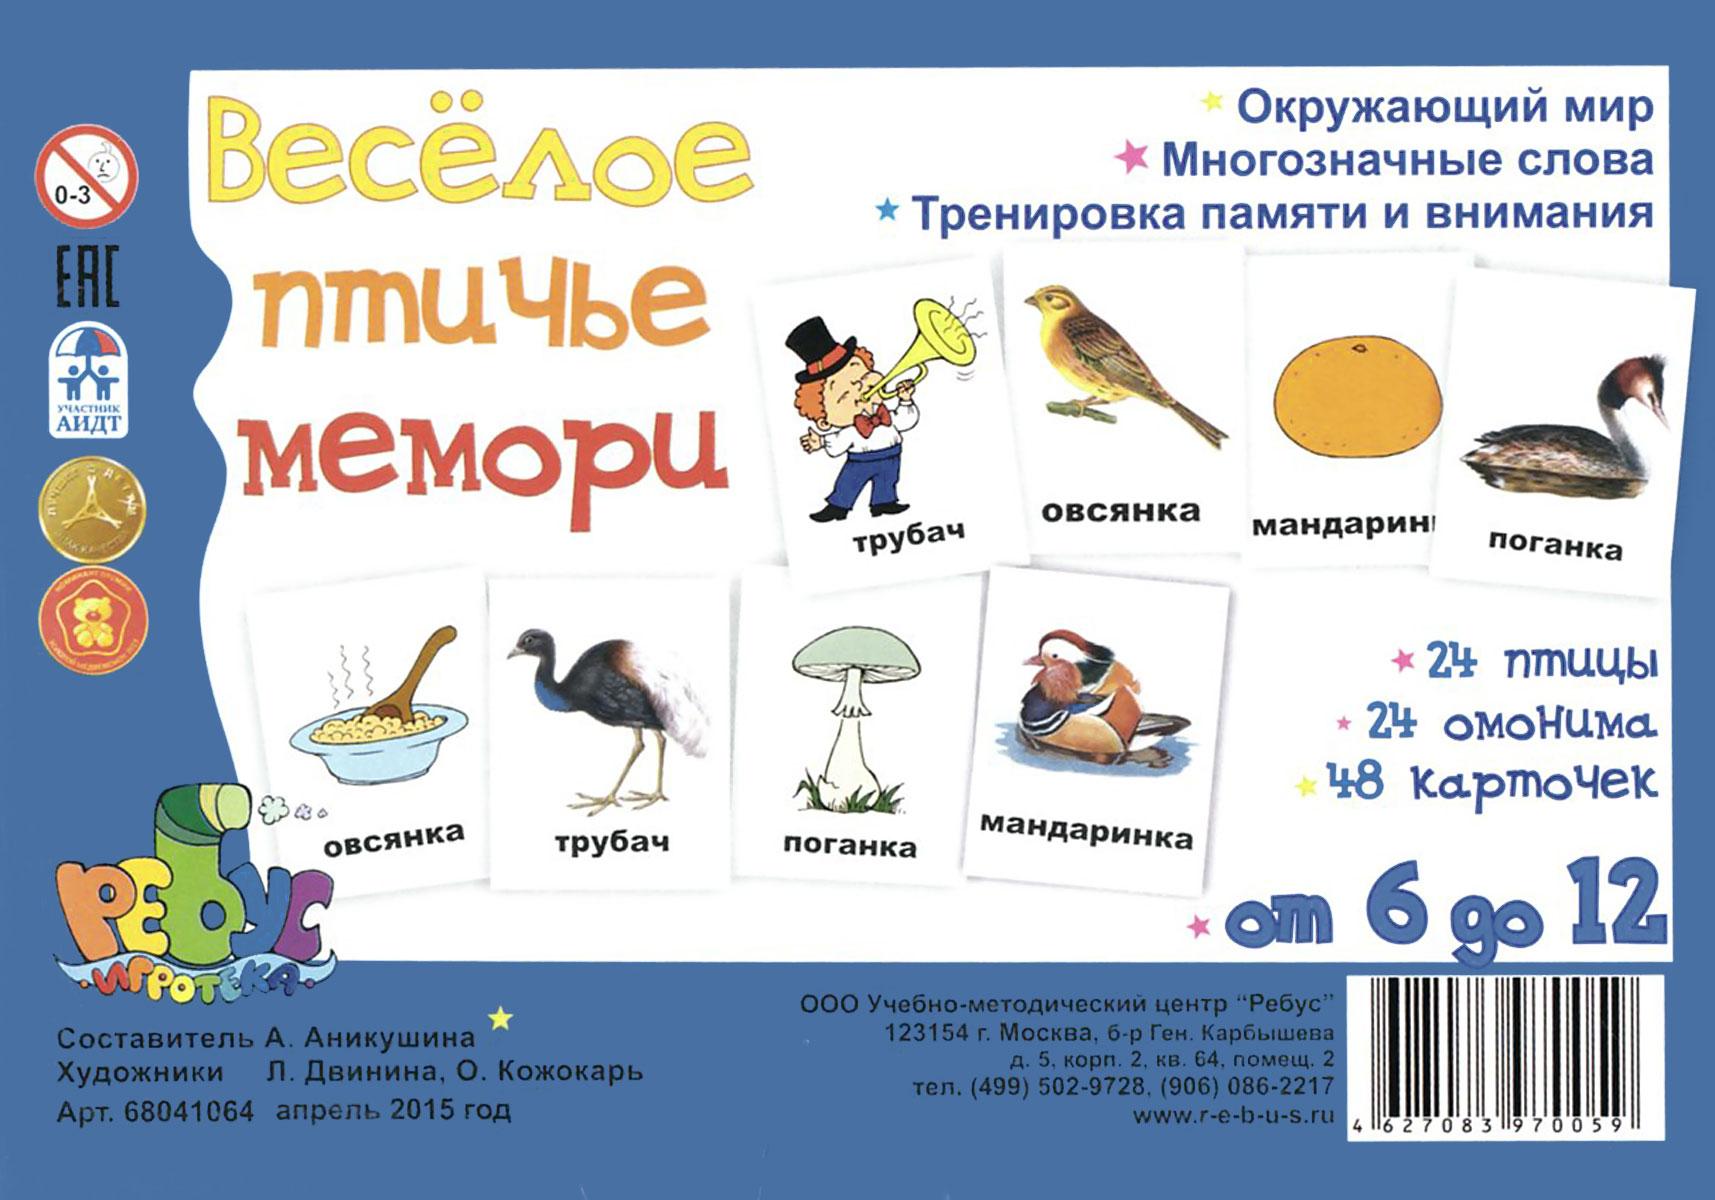 Веселое птичье мемори. Парочки (набор из 48 карточек)12296407Предлагаем вашему вниманию набор карточек Веселое птичье мемори. Парочки. Содержит 48 карточек, среди которых названия 24 птиц и 24 их омонима. Цель игры: ознакомление с окружающим миром через узнавание животных по их названию, развитие внимания и смекалки. Набор предназначен для детей от 6 до 12 лет.